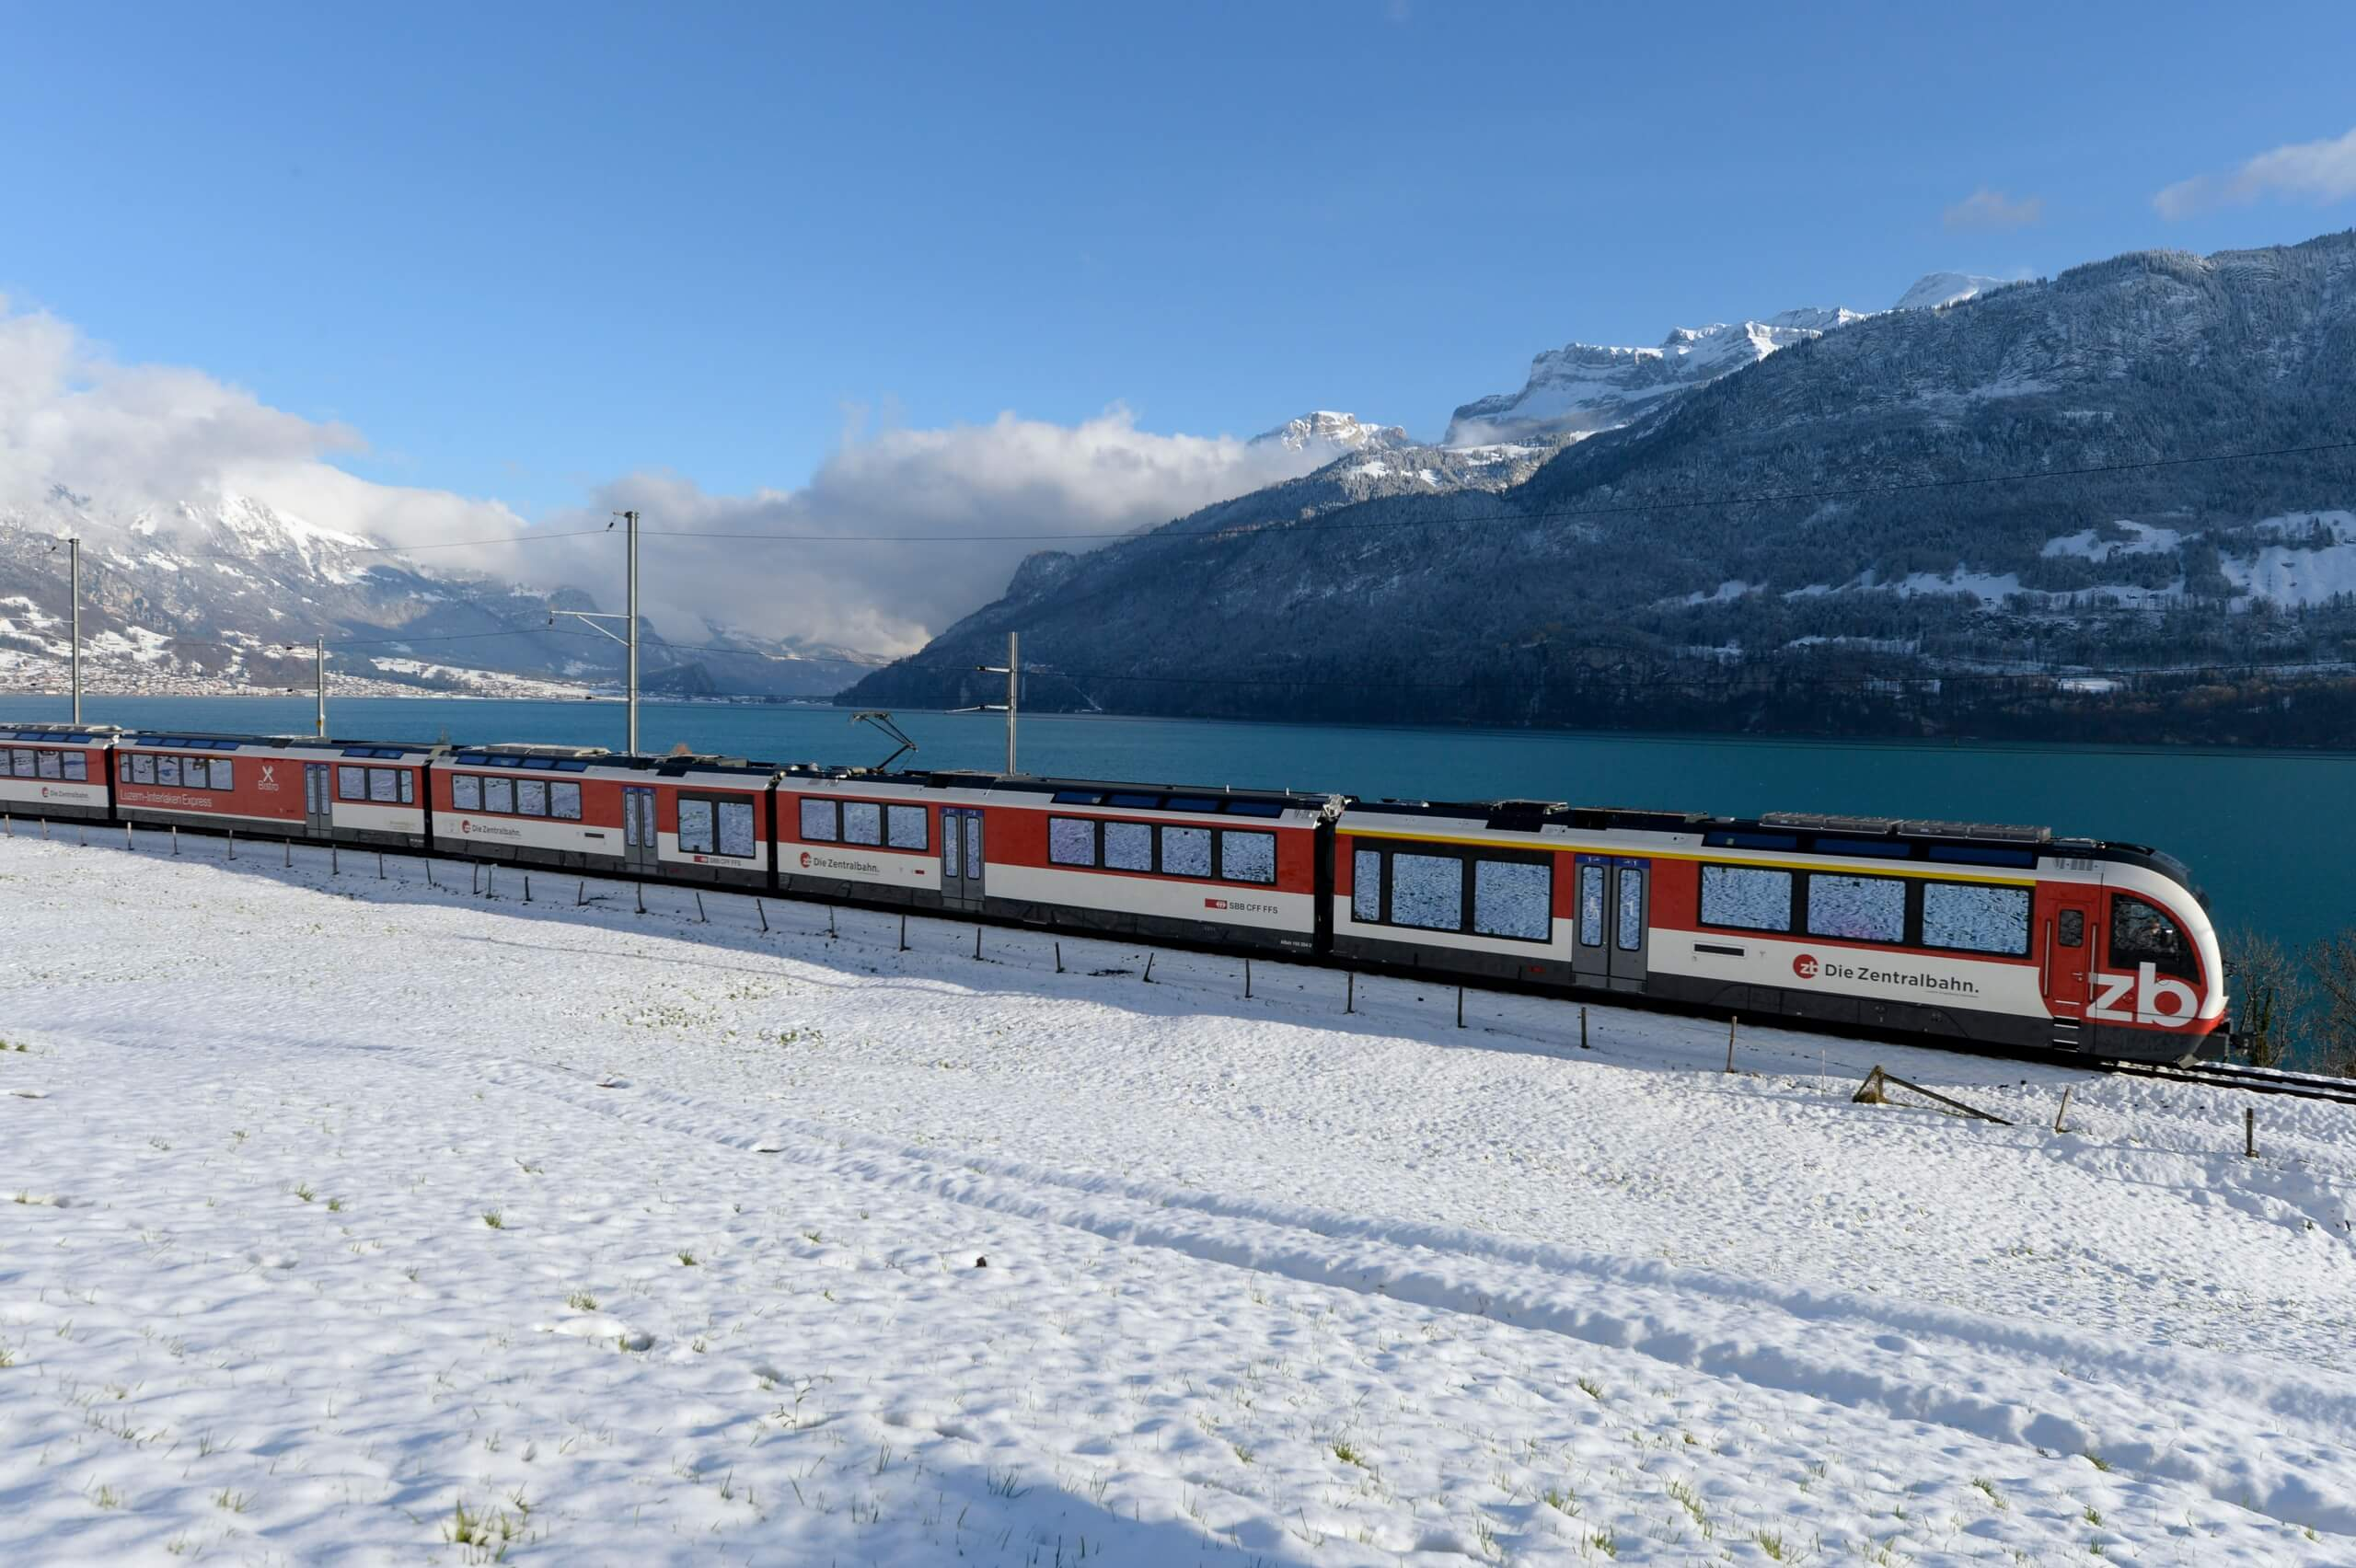 zentralbahn-luzern-interlaken-express-bahnfahrt-zug-winter